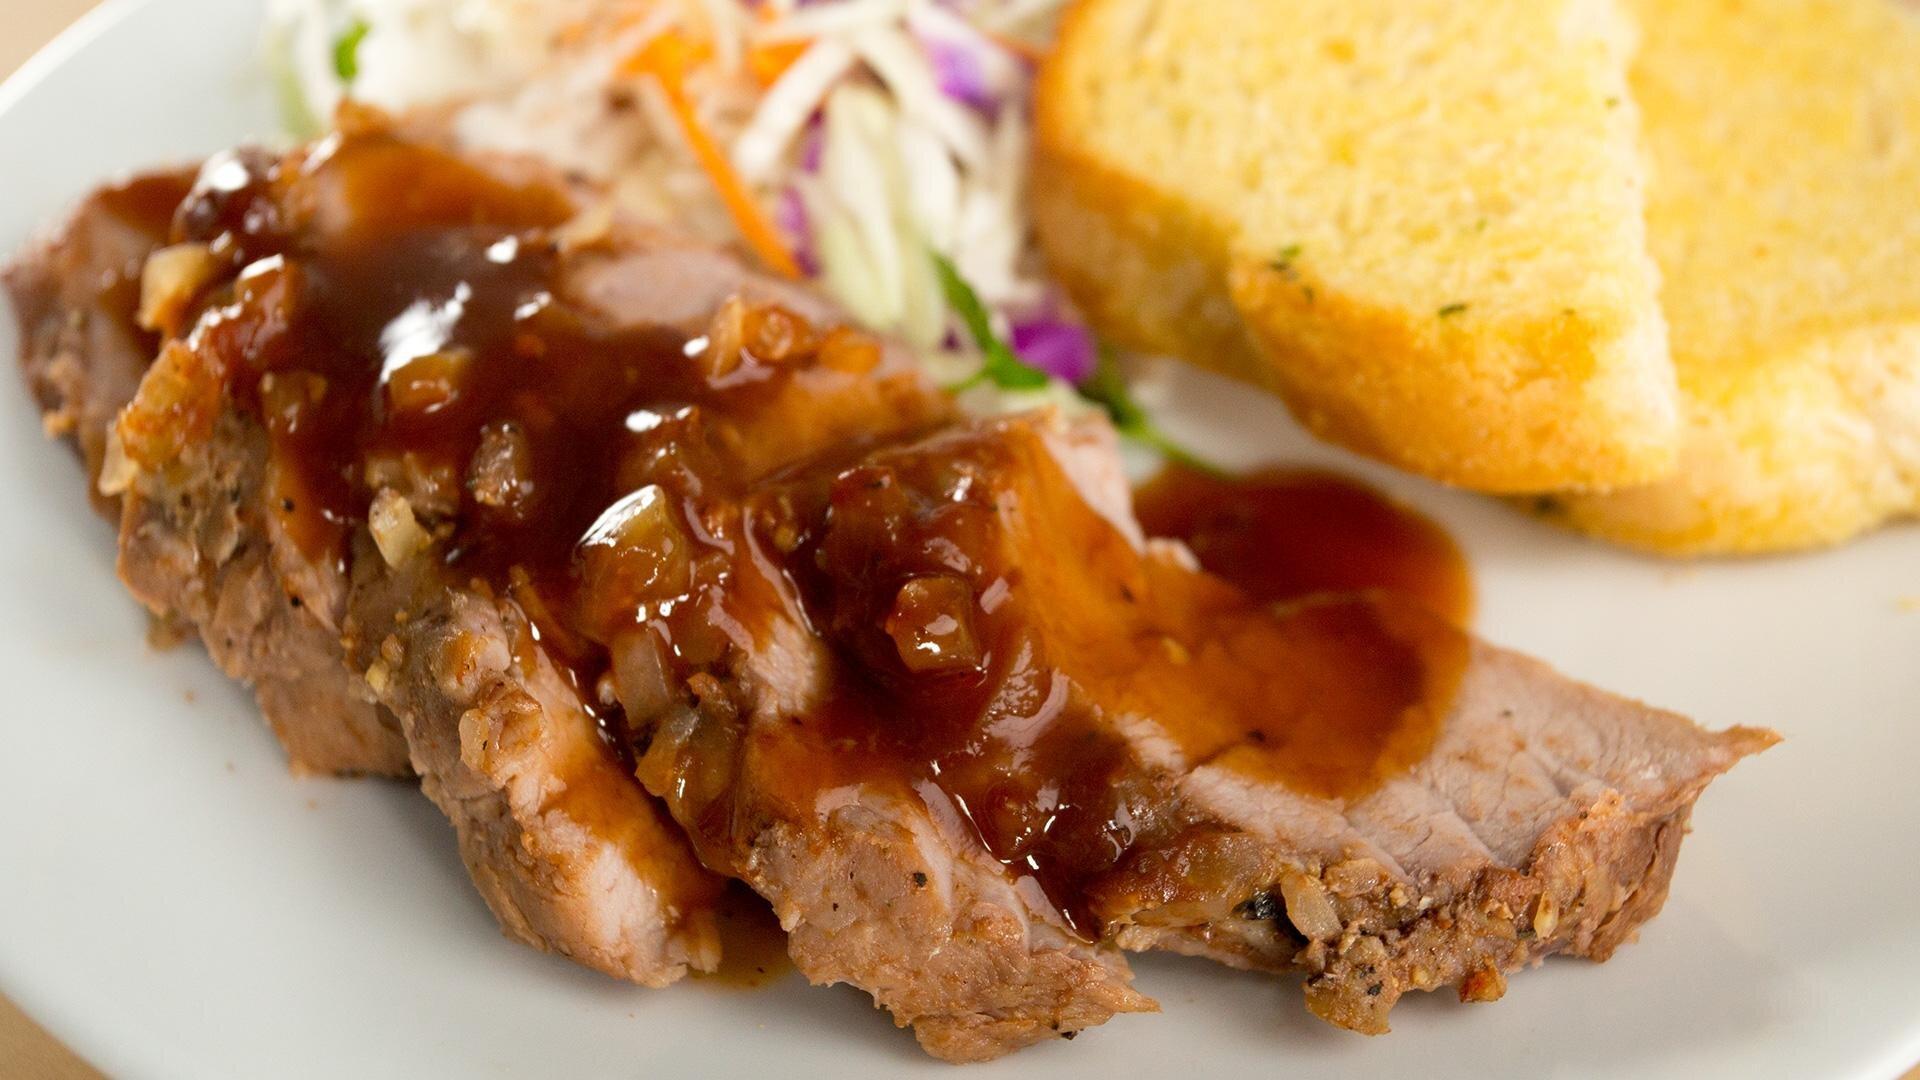 How to Make Couldn't Be Easier BBQ Pork Tenderloin